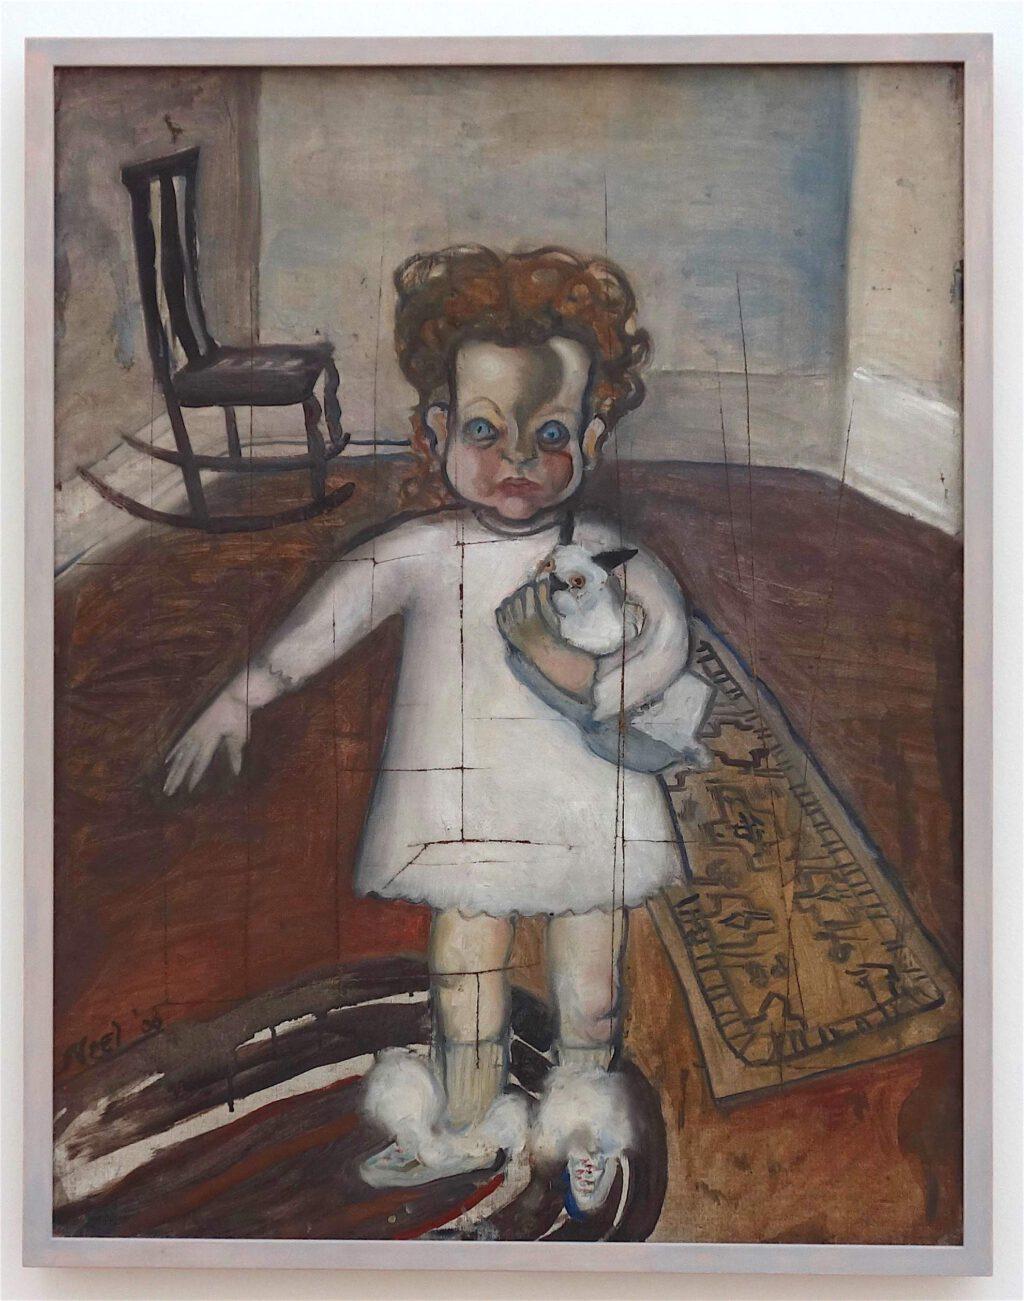 アリス・ニール「イザベッタ」油絵、80 x 61 センチ、1930年